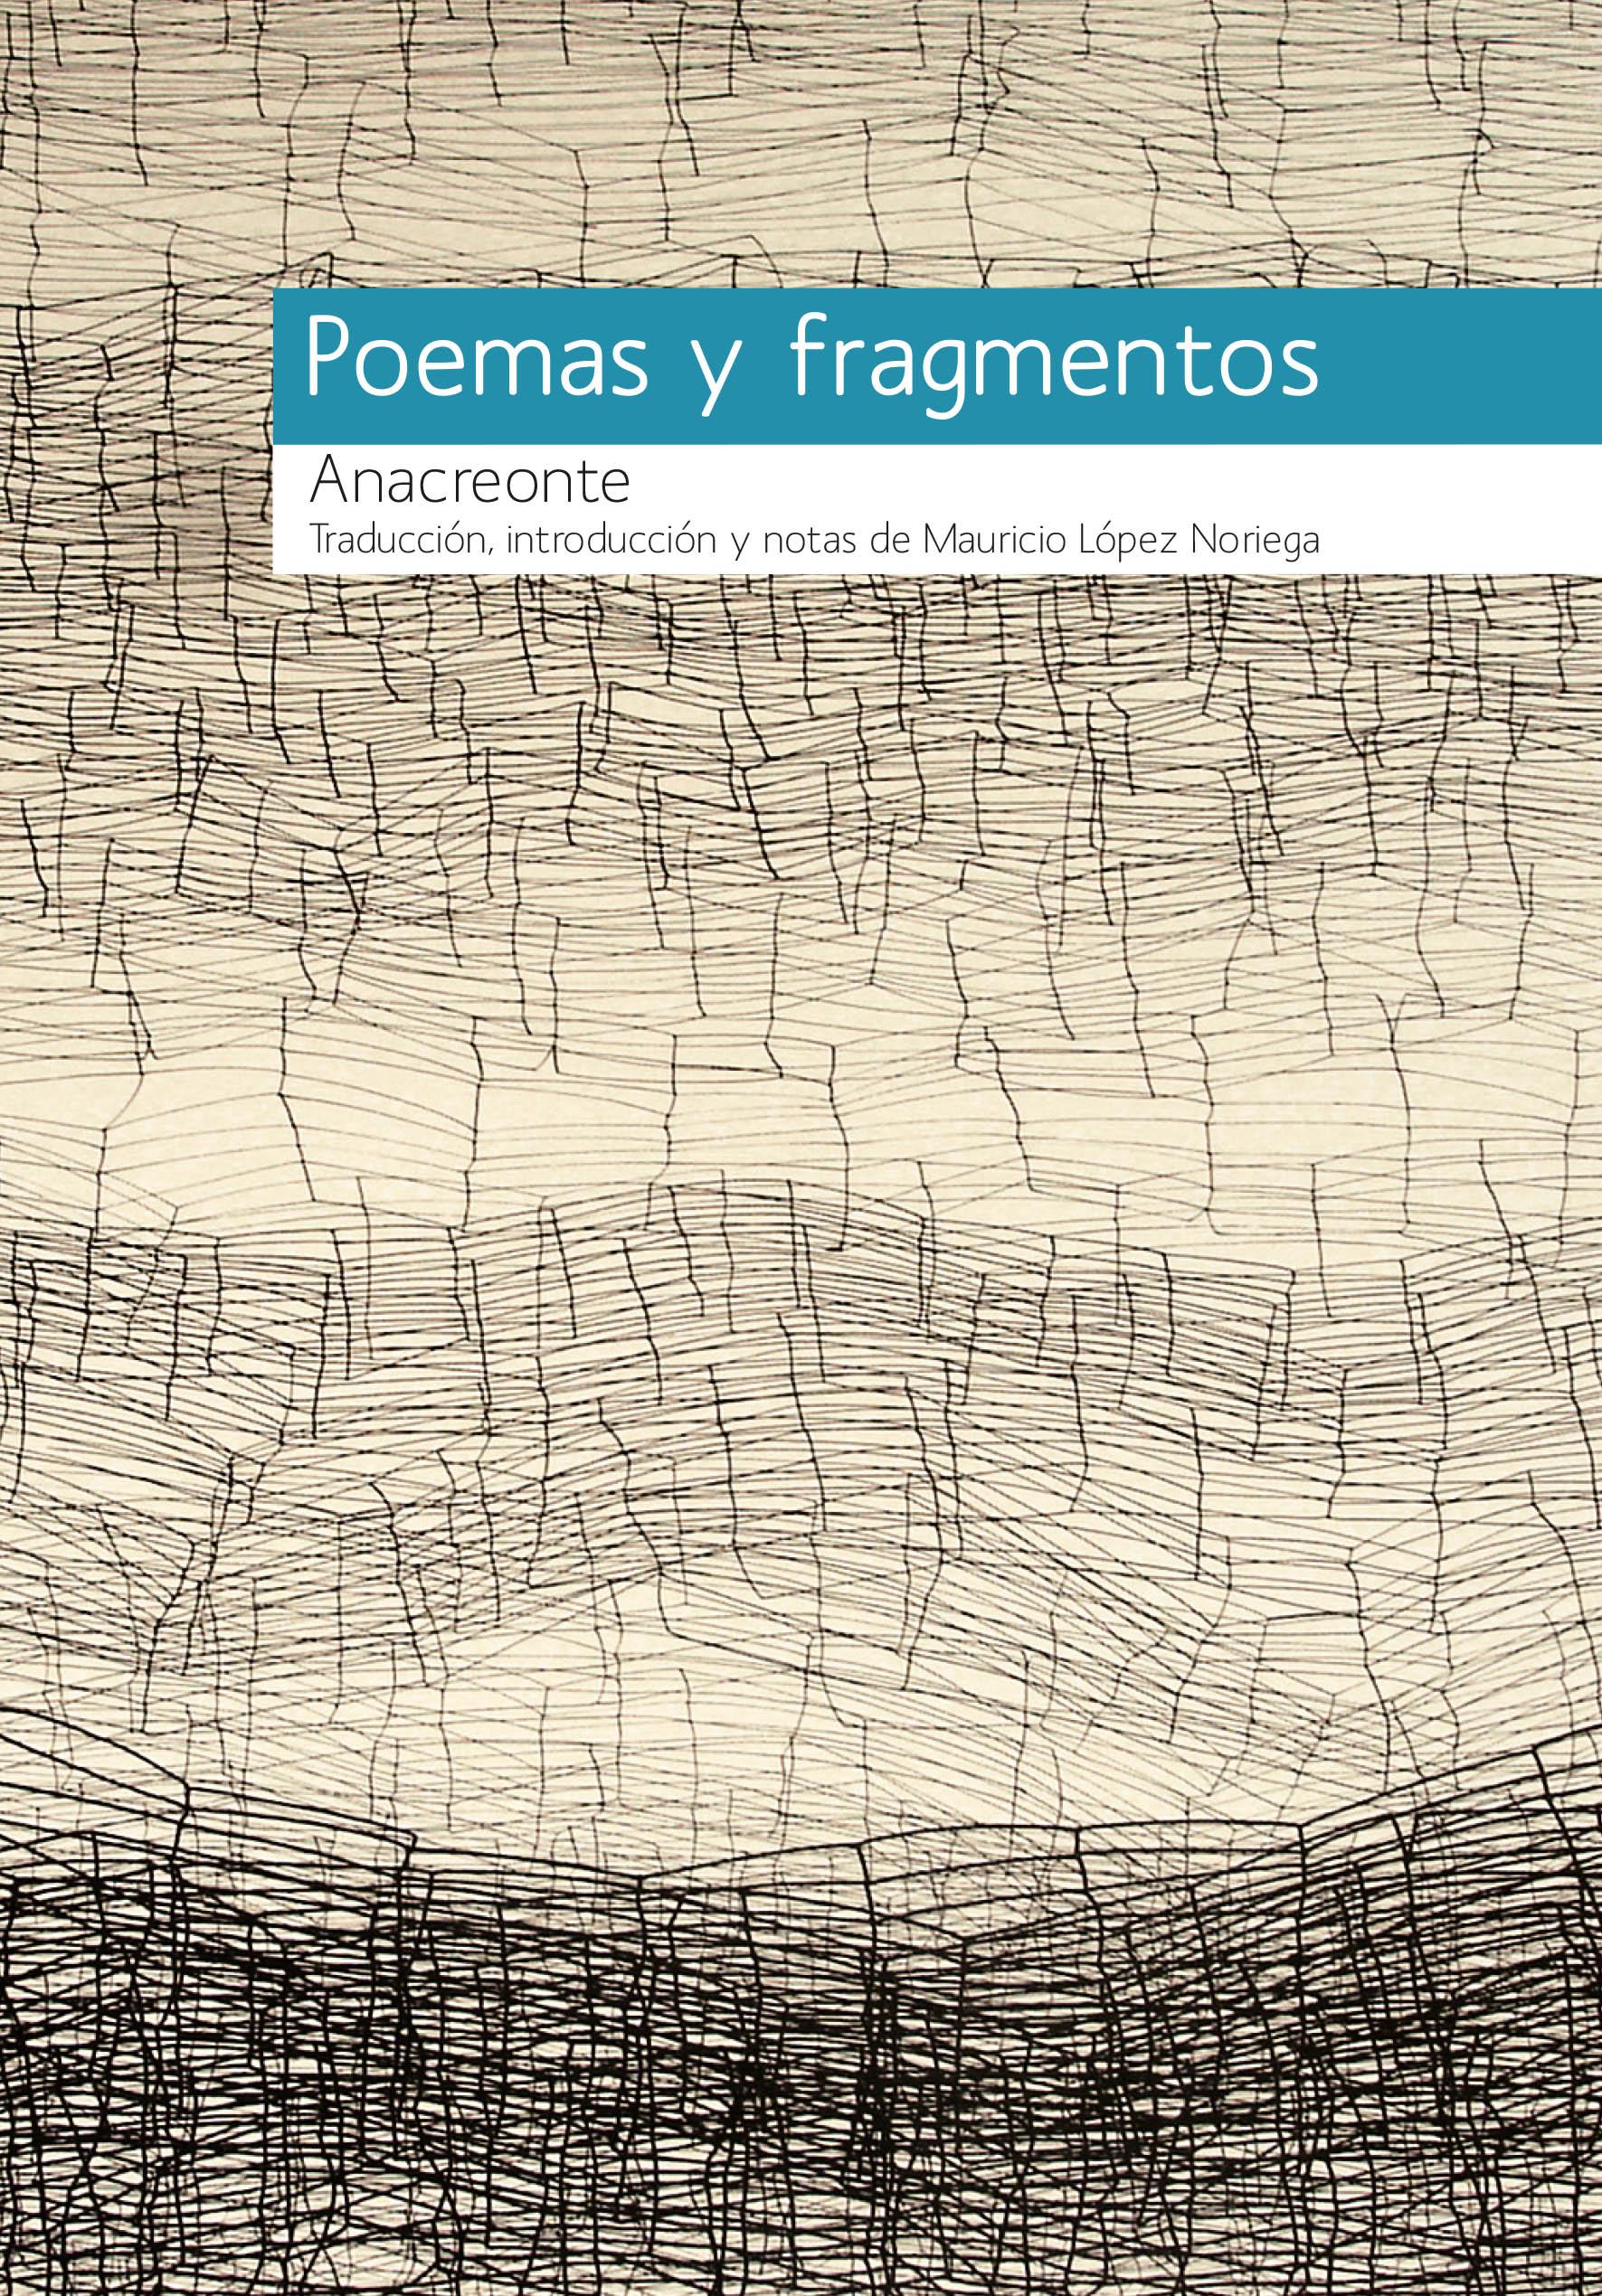 Anacreonte: Poemas y fragmentos